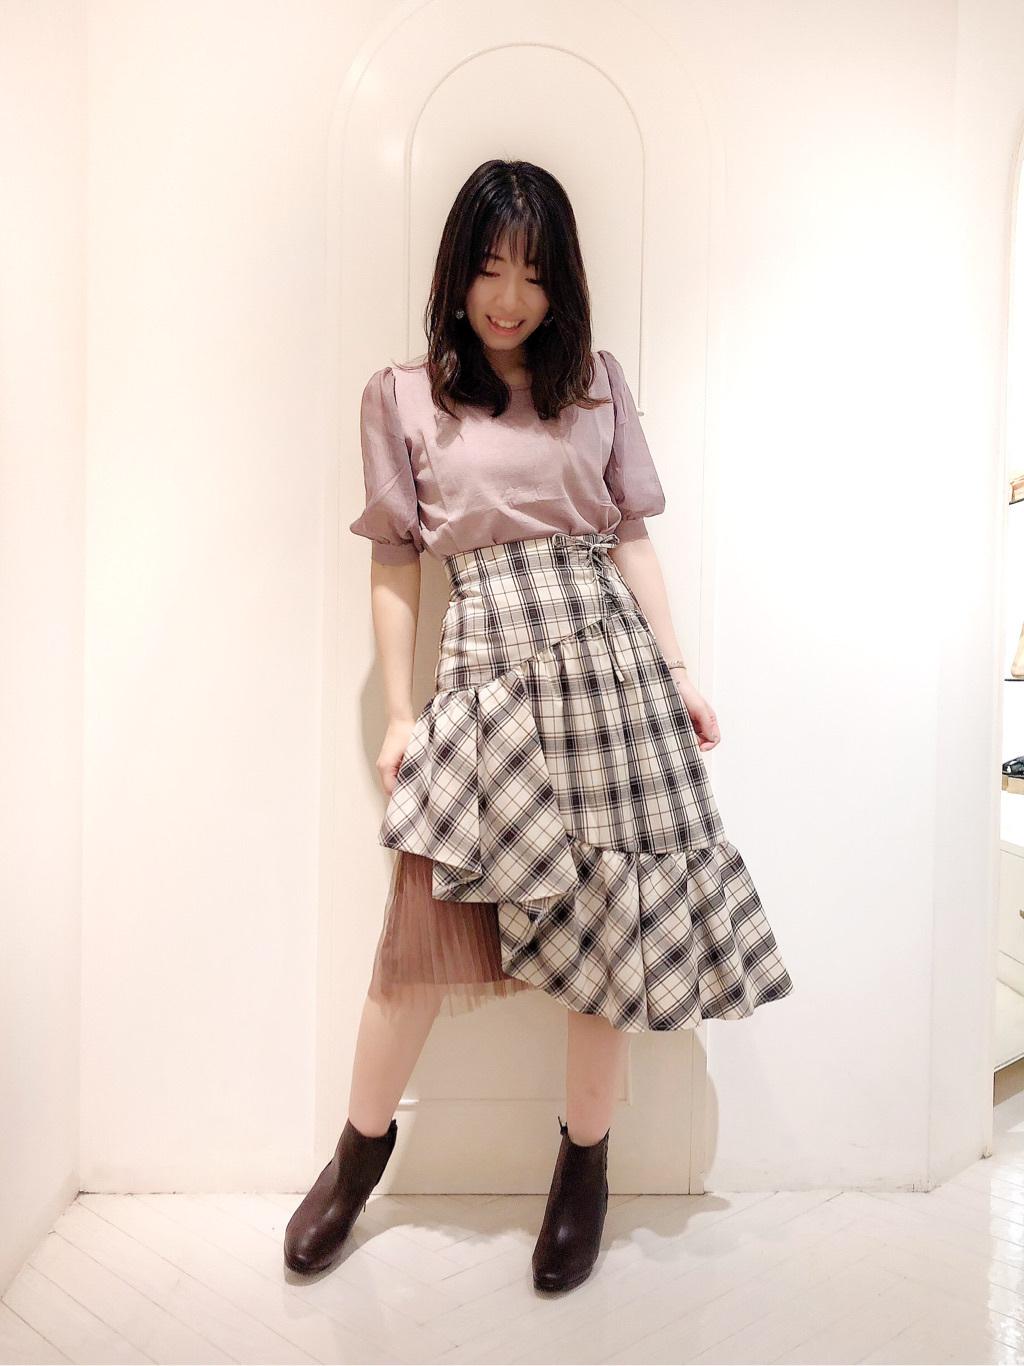 Satomi*